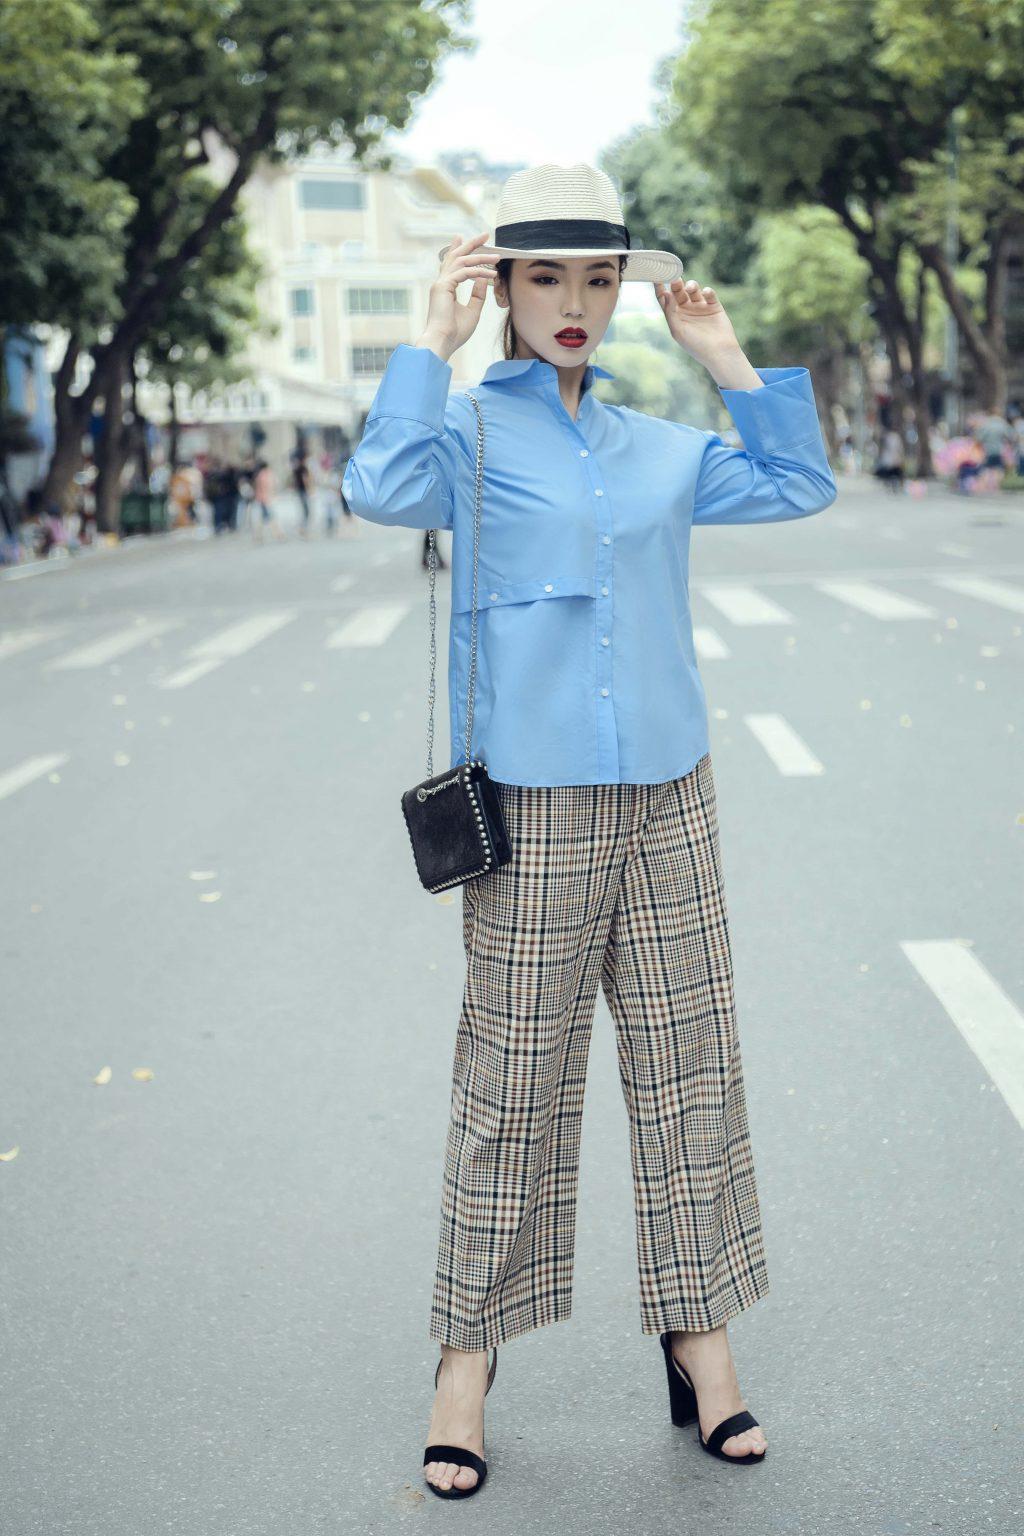 áo sơ mi màu xanh và quần công sở kẻ ô